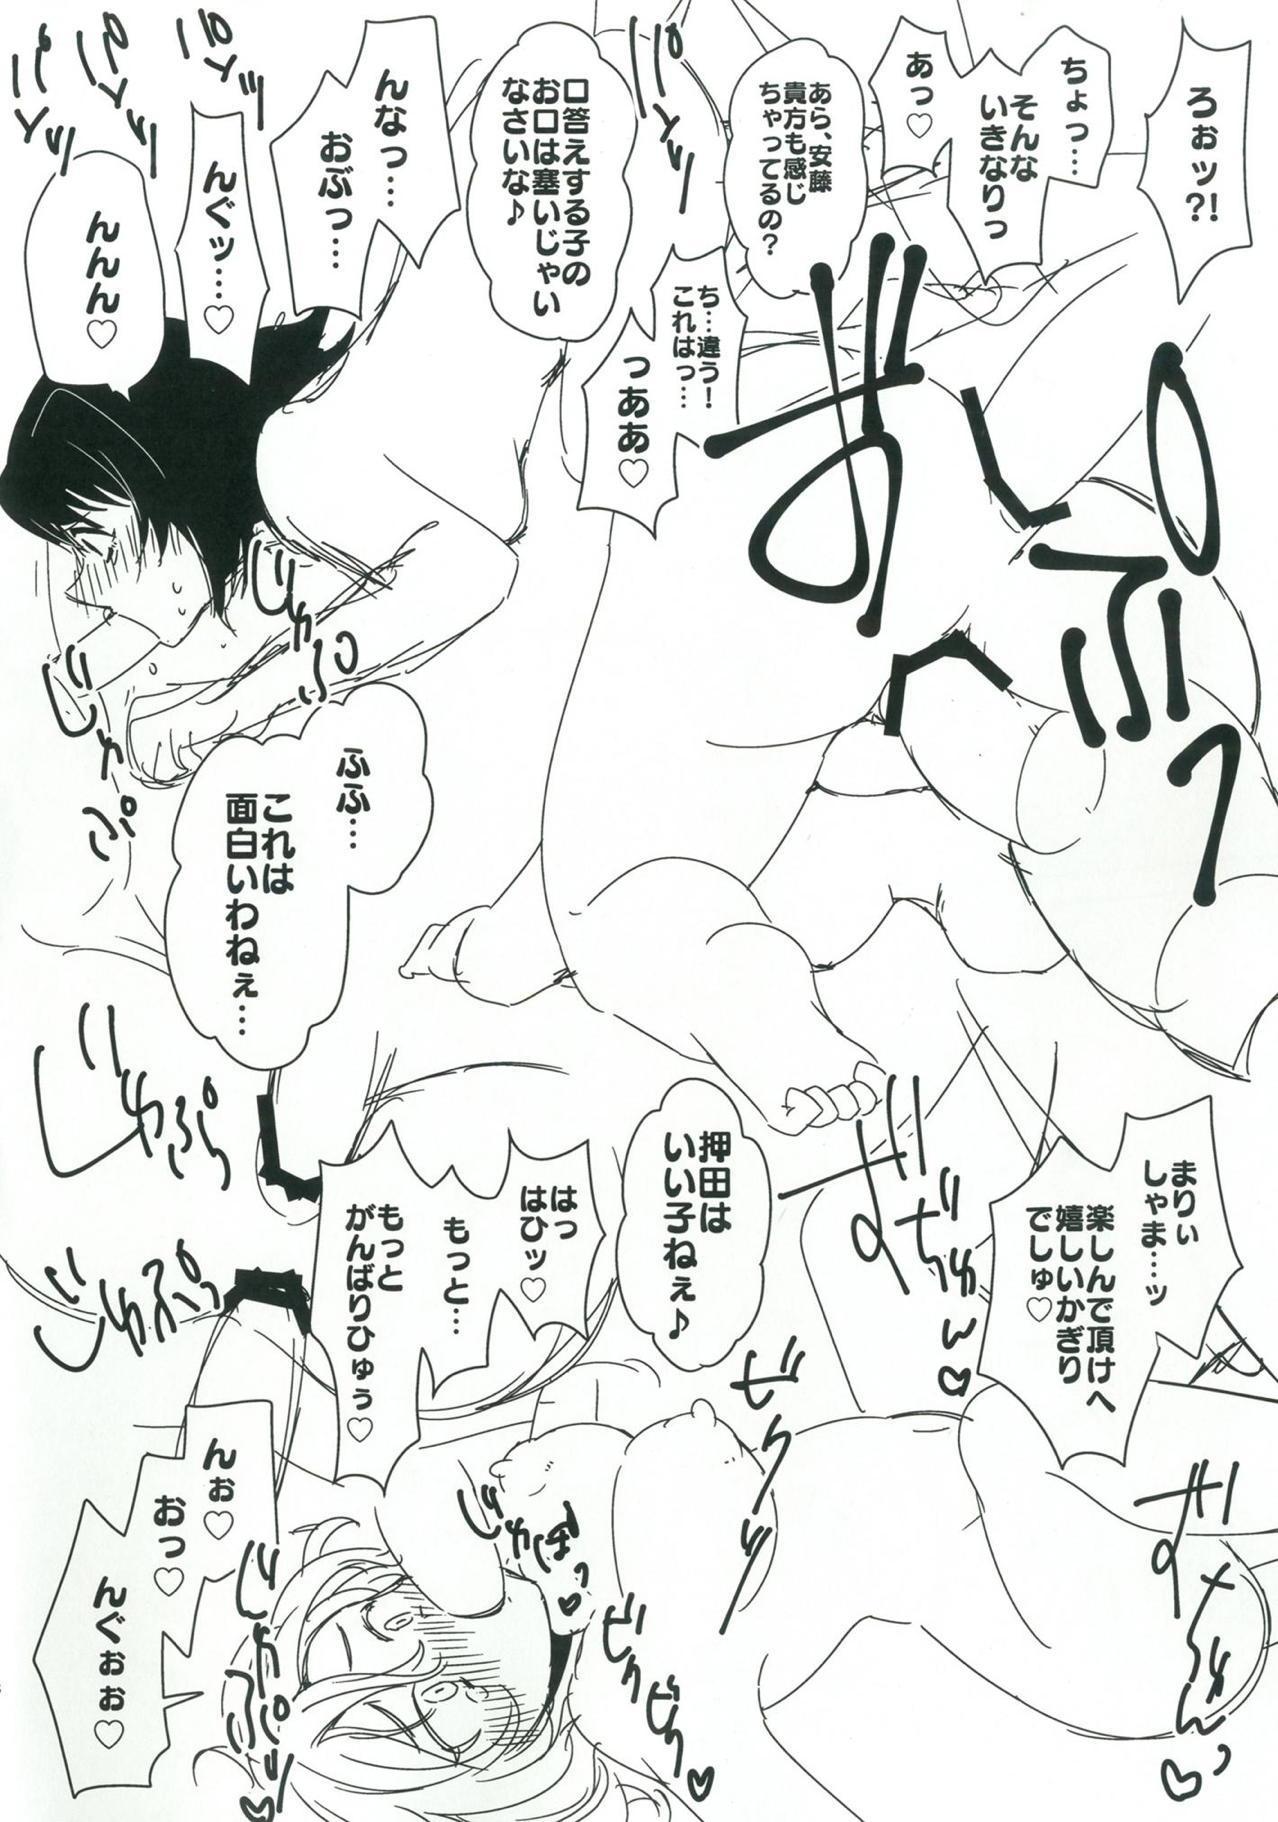 (Panzer Vor! 15) [Chabane Ninja (Happamushi)] Onii-san-tachi wa Koko de Murakami no Oppai demo Nondenasai yo (Girls und Panzer) 16